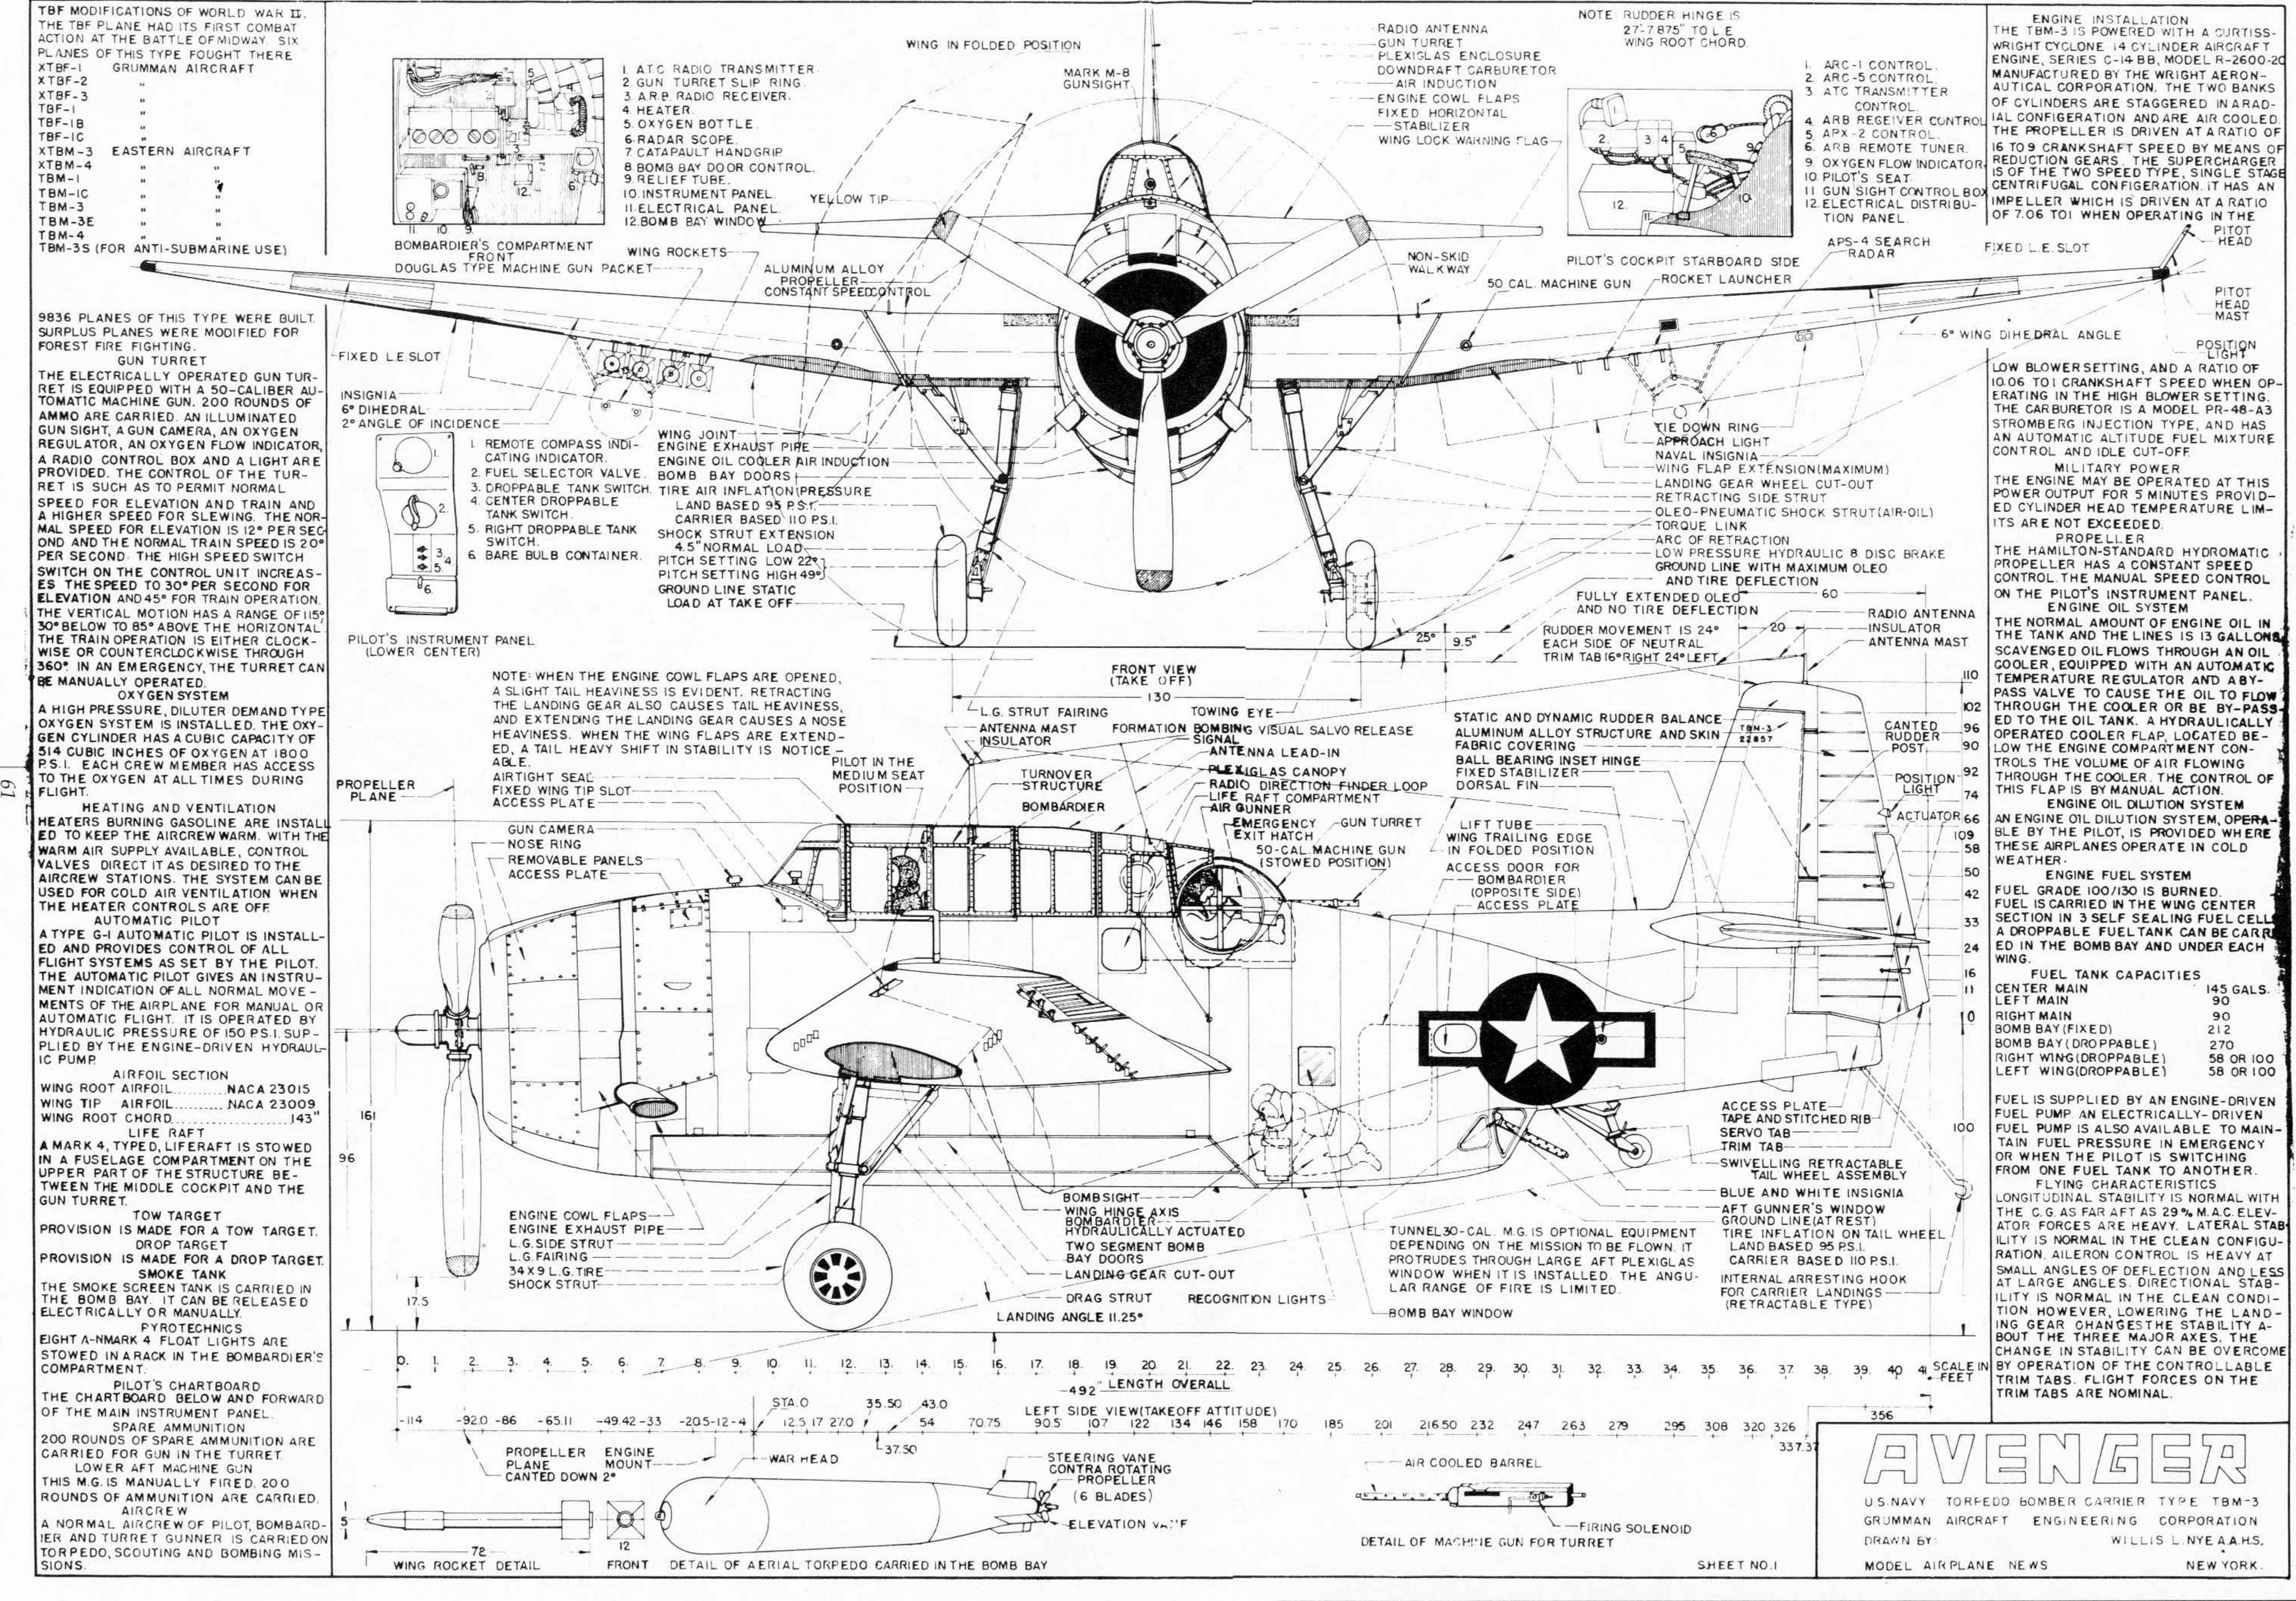 aircraft drawings - aircraft drawing